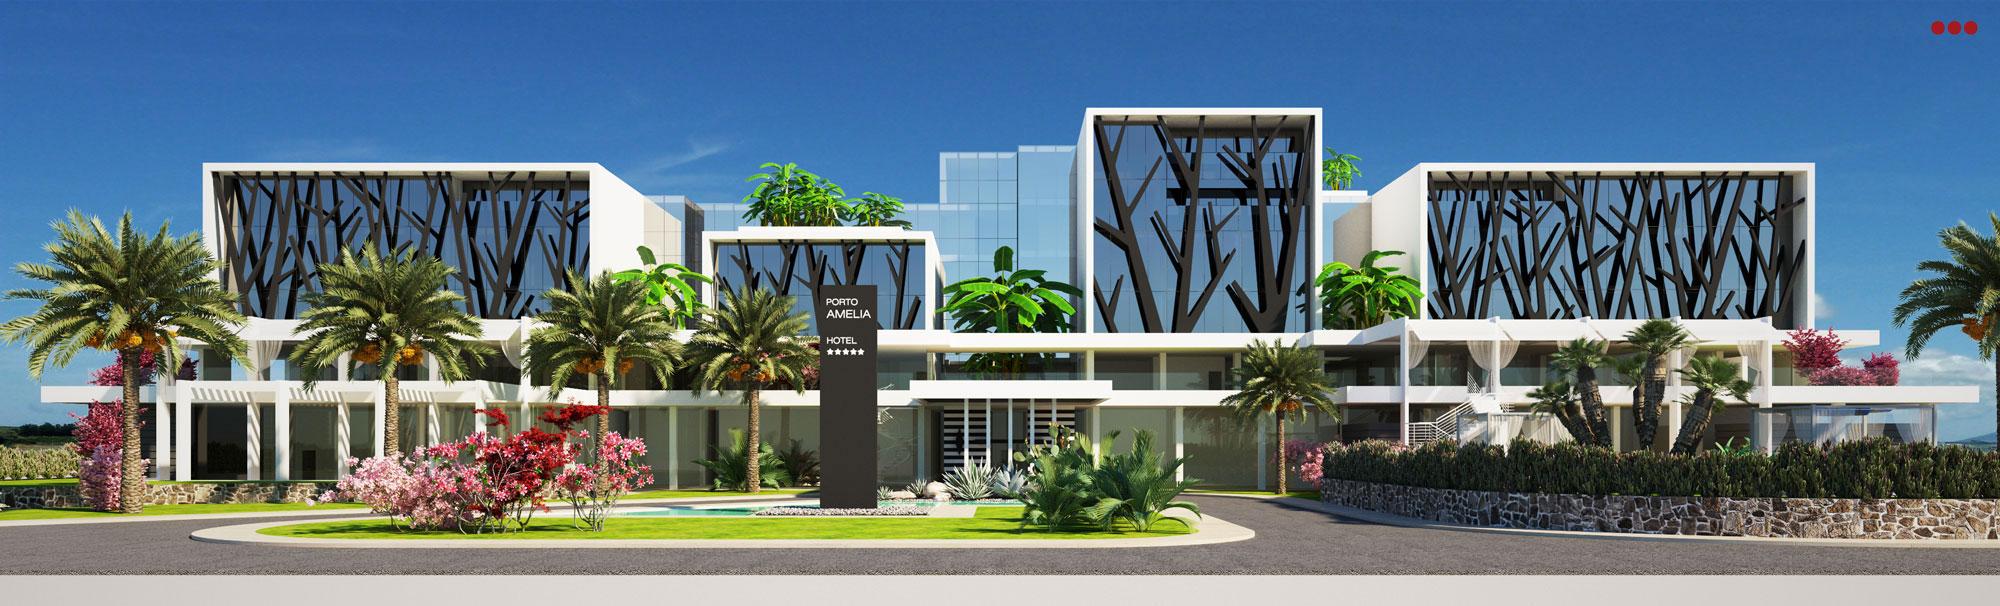 Studio-BArtolini-rendering-progettazione-grafica-3D-Hotel-Porto-Amelia-Mozzambico-5